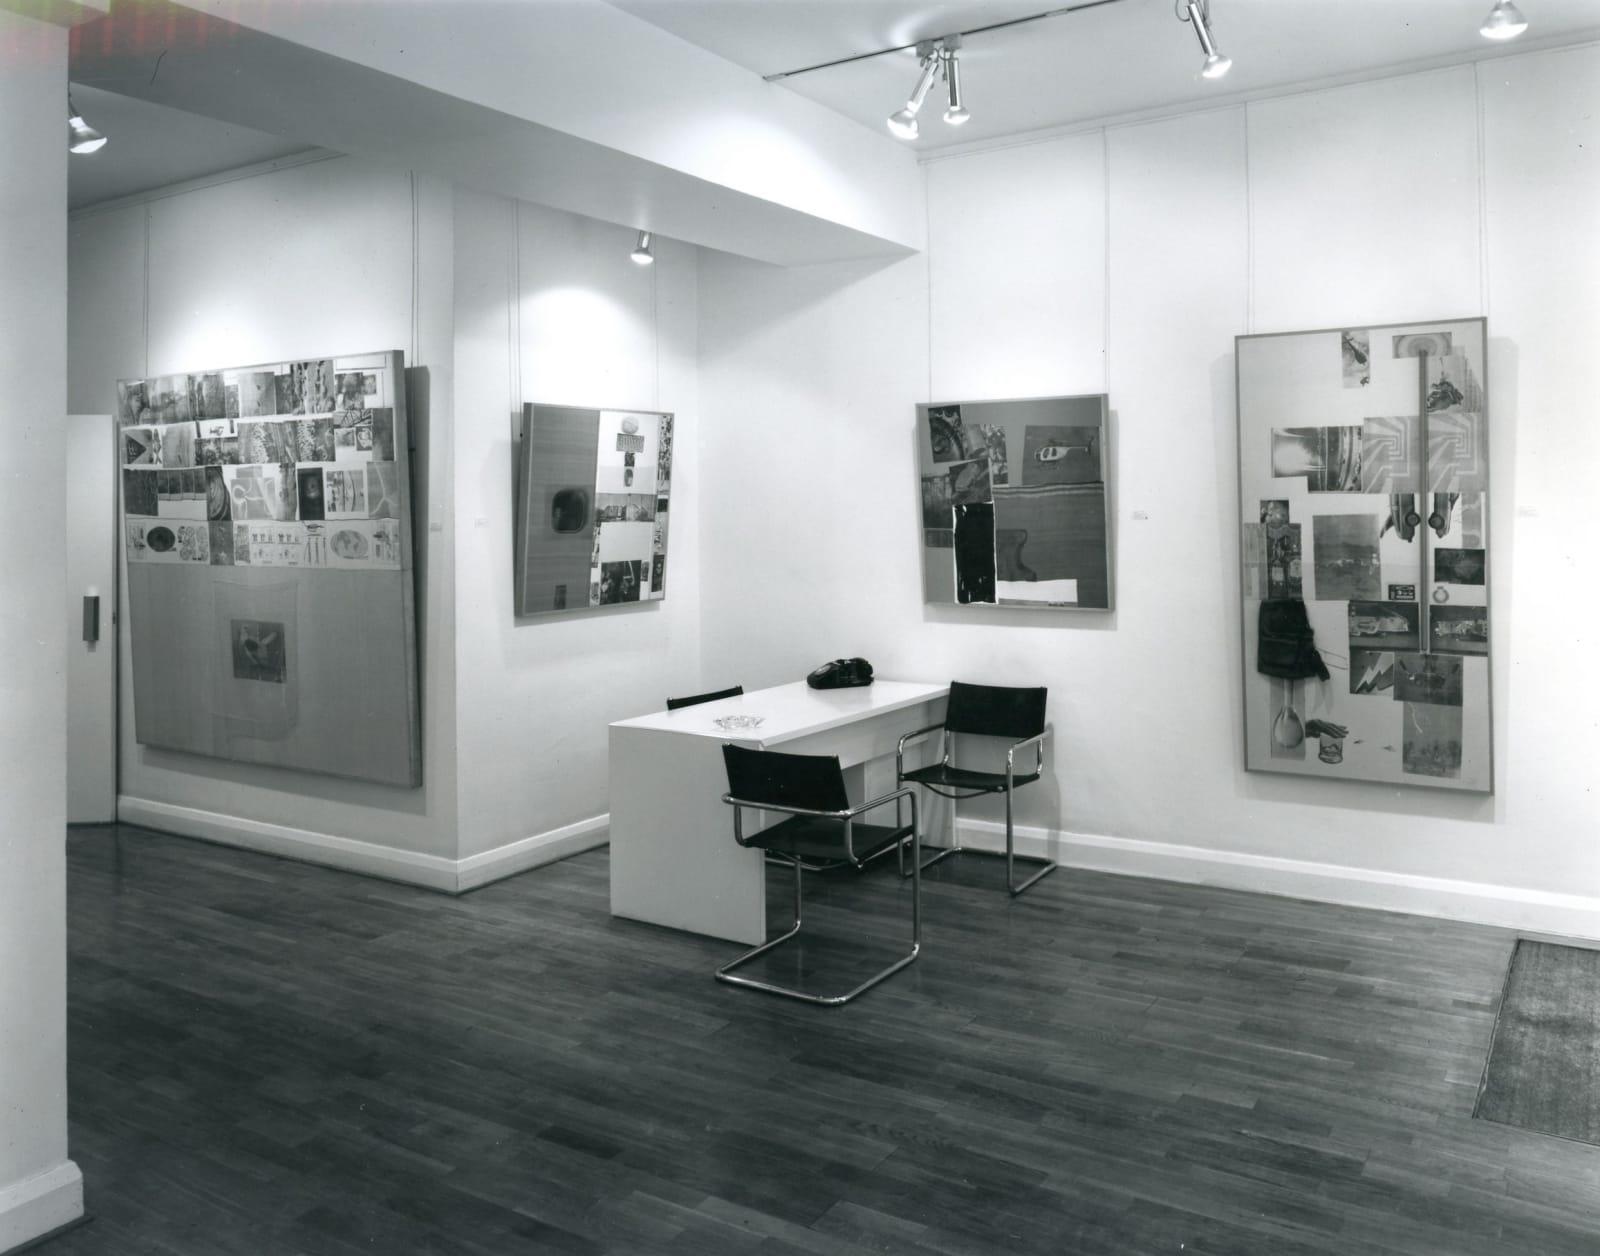 ROBERT RAUSCHENBERG Installation View